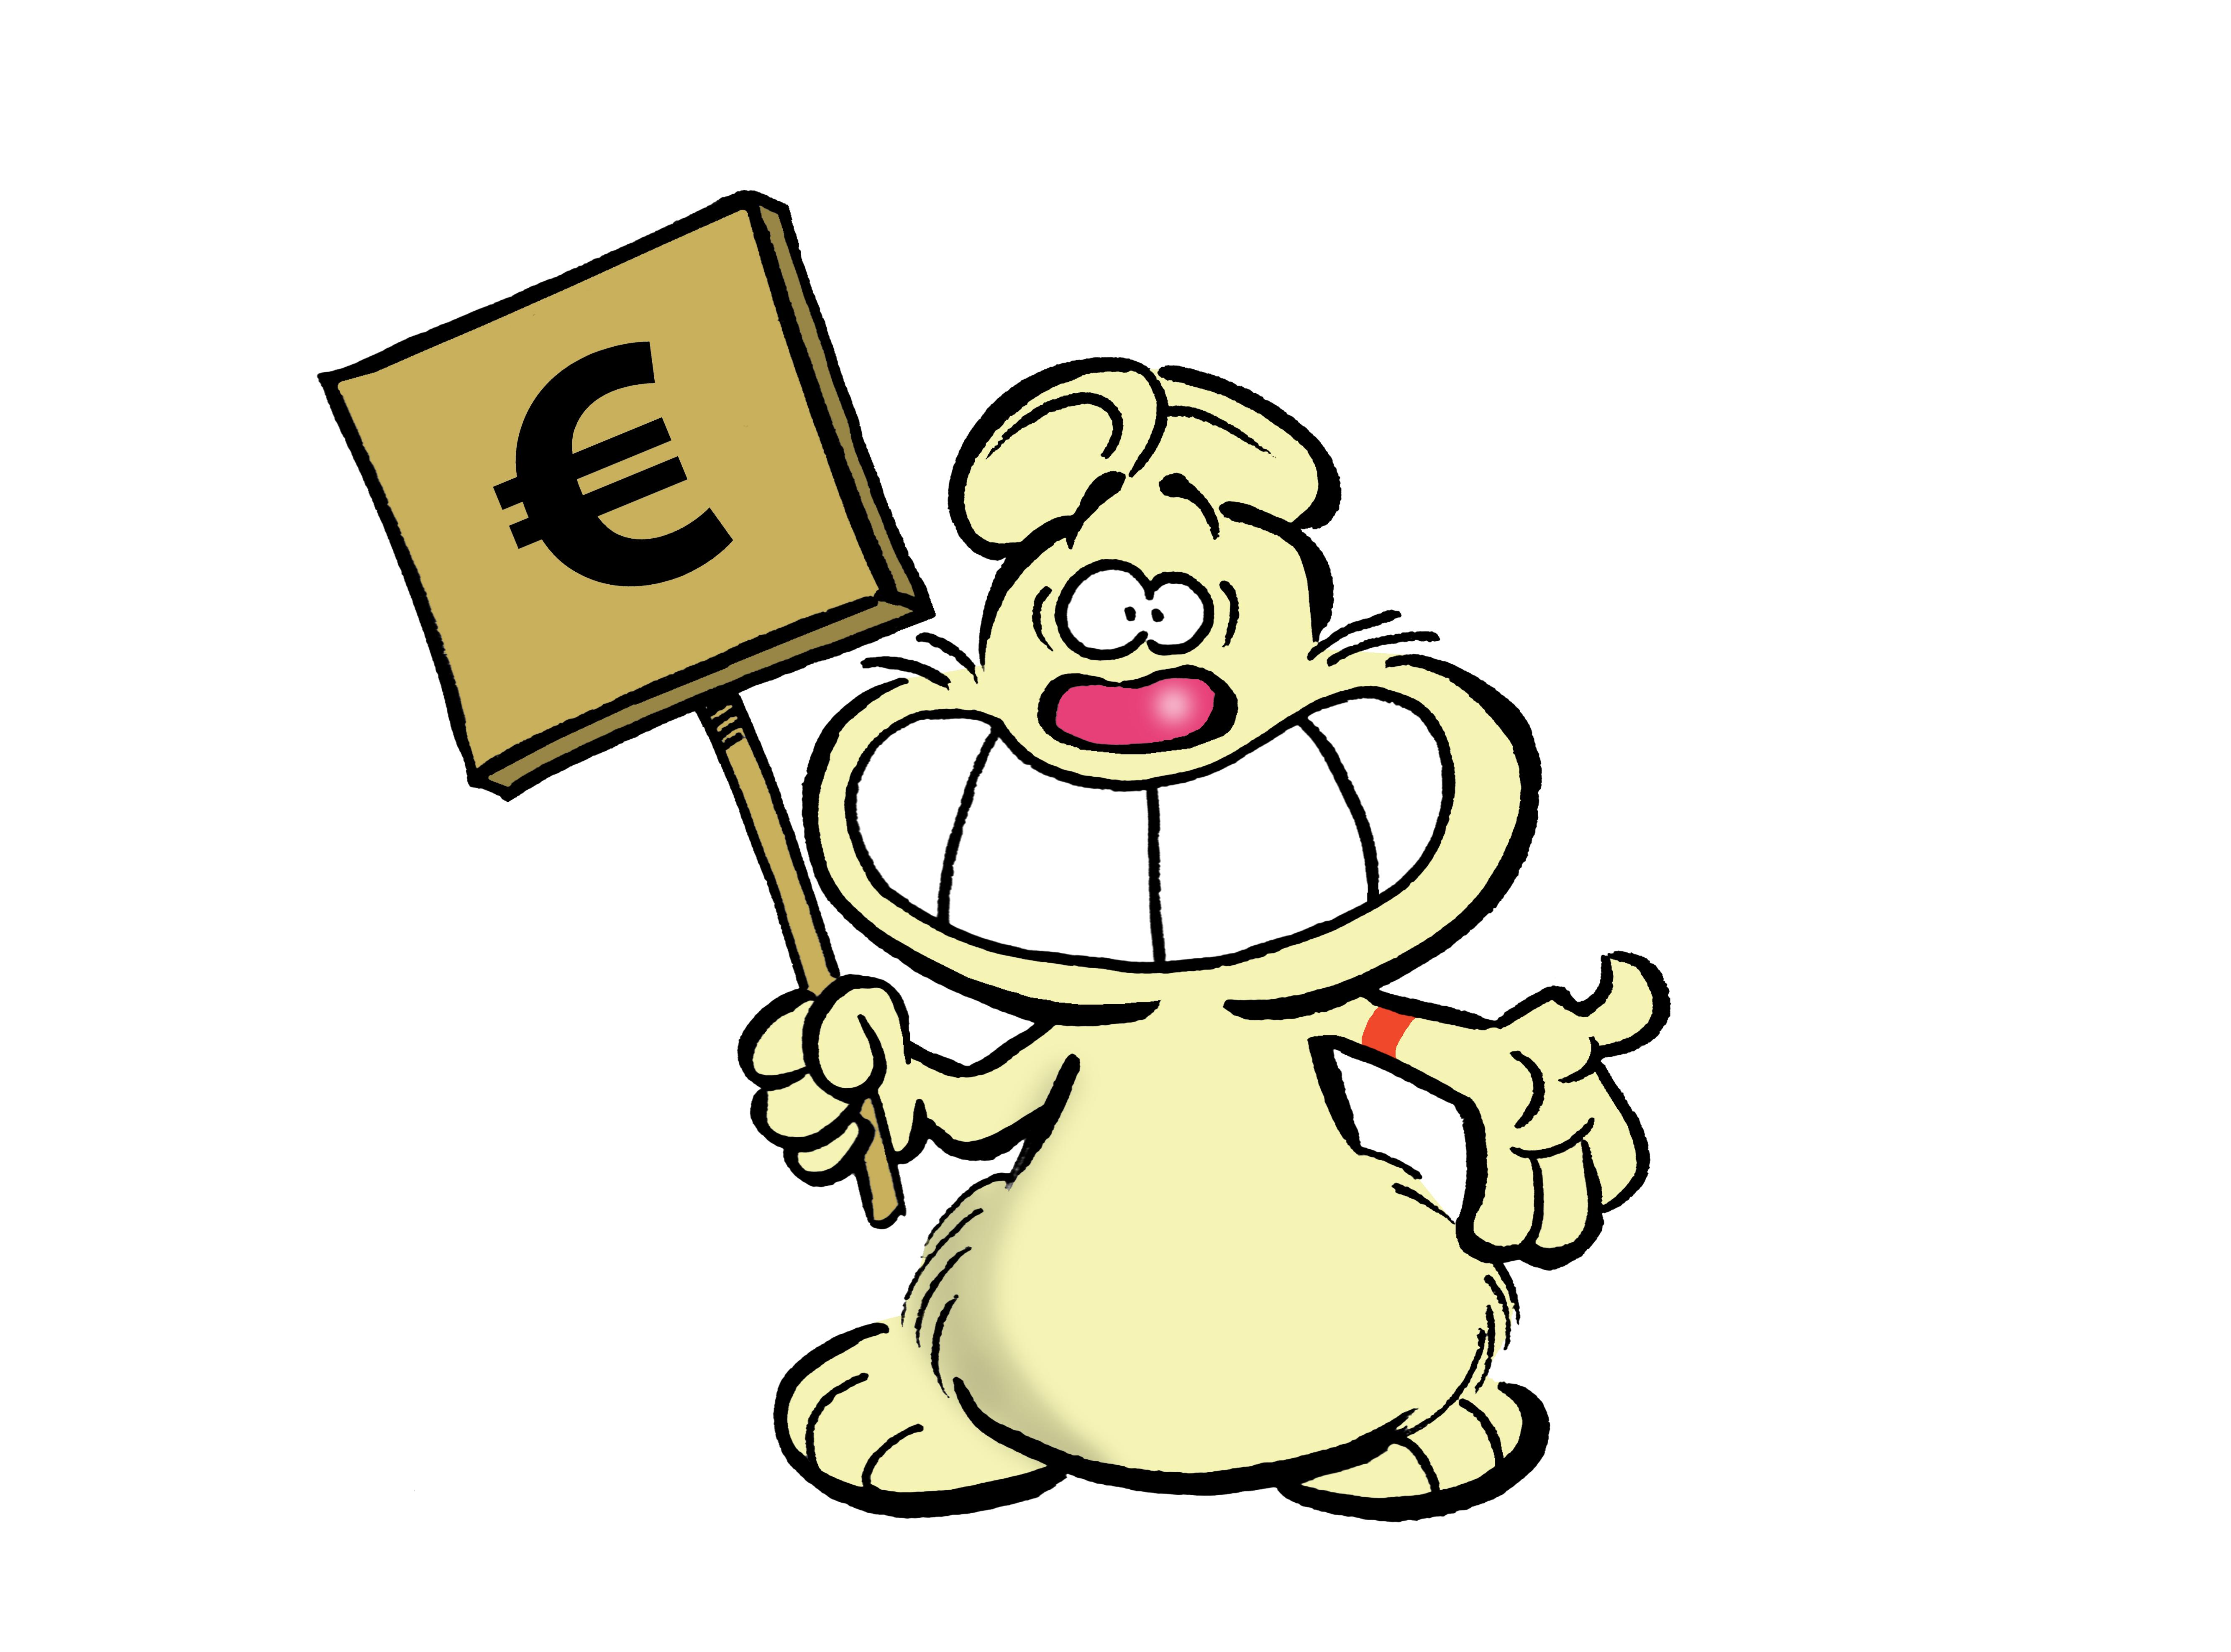 Meurfi euro (Dessin : Daricy) - Flibusk